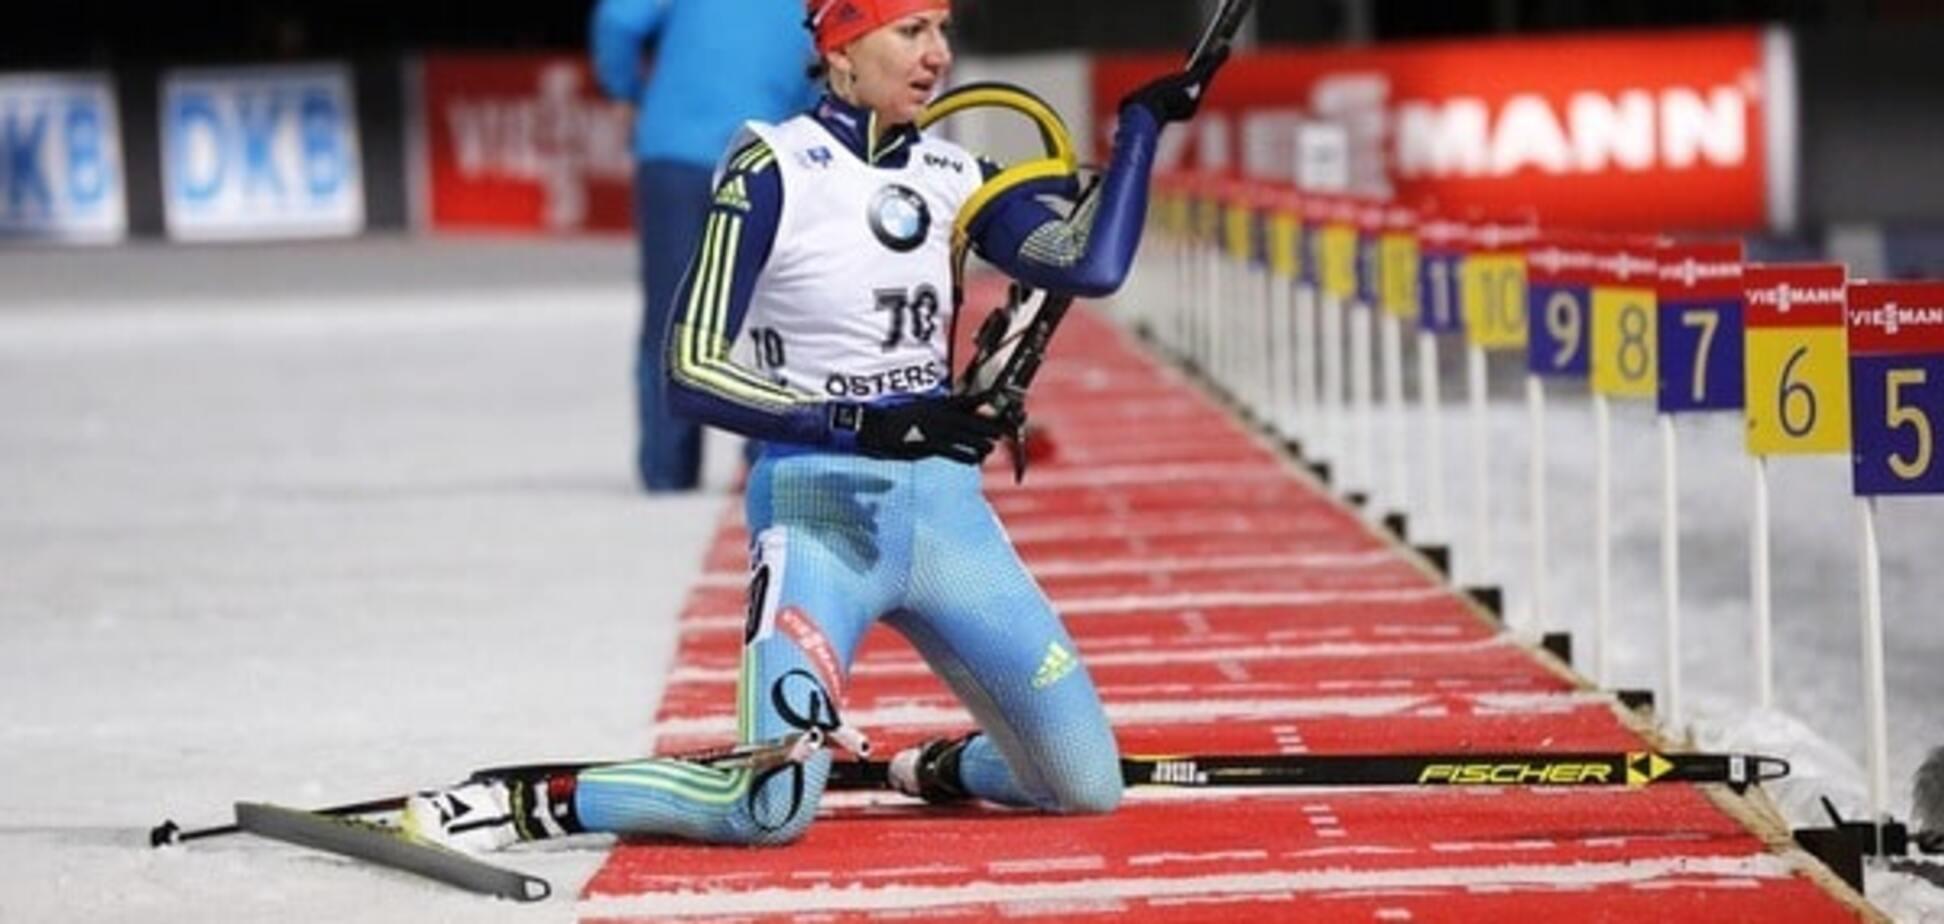 Елена Пидгрушная совершила прорыв в гонке преследования на Кубке мира по биатлону